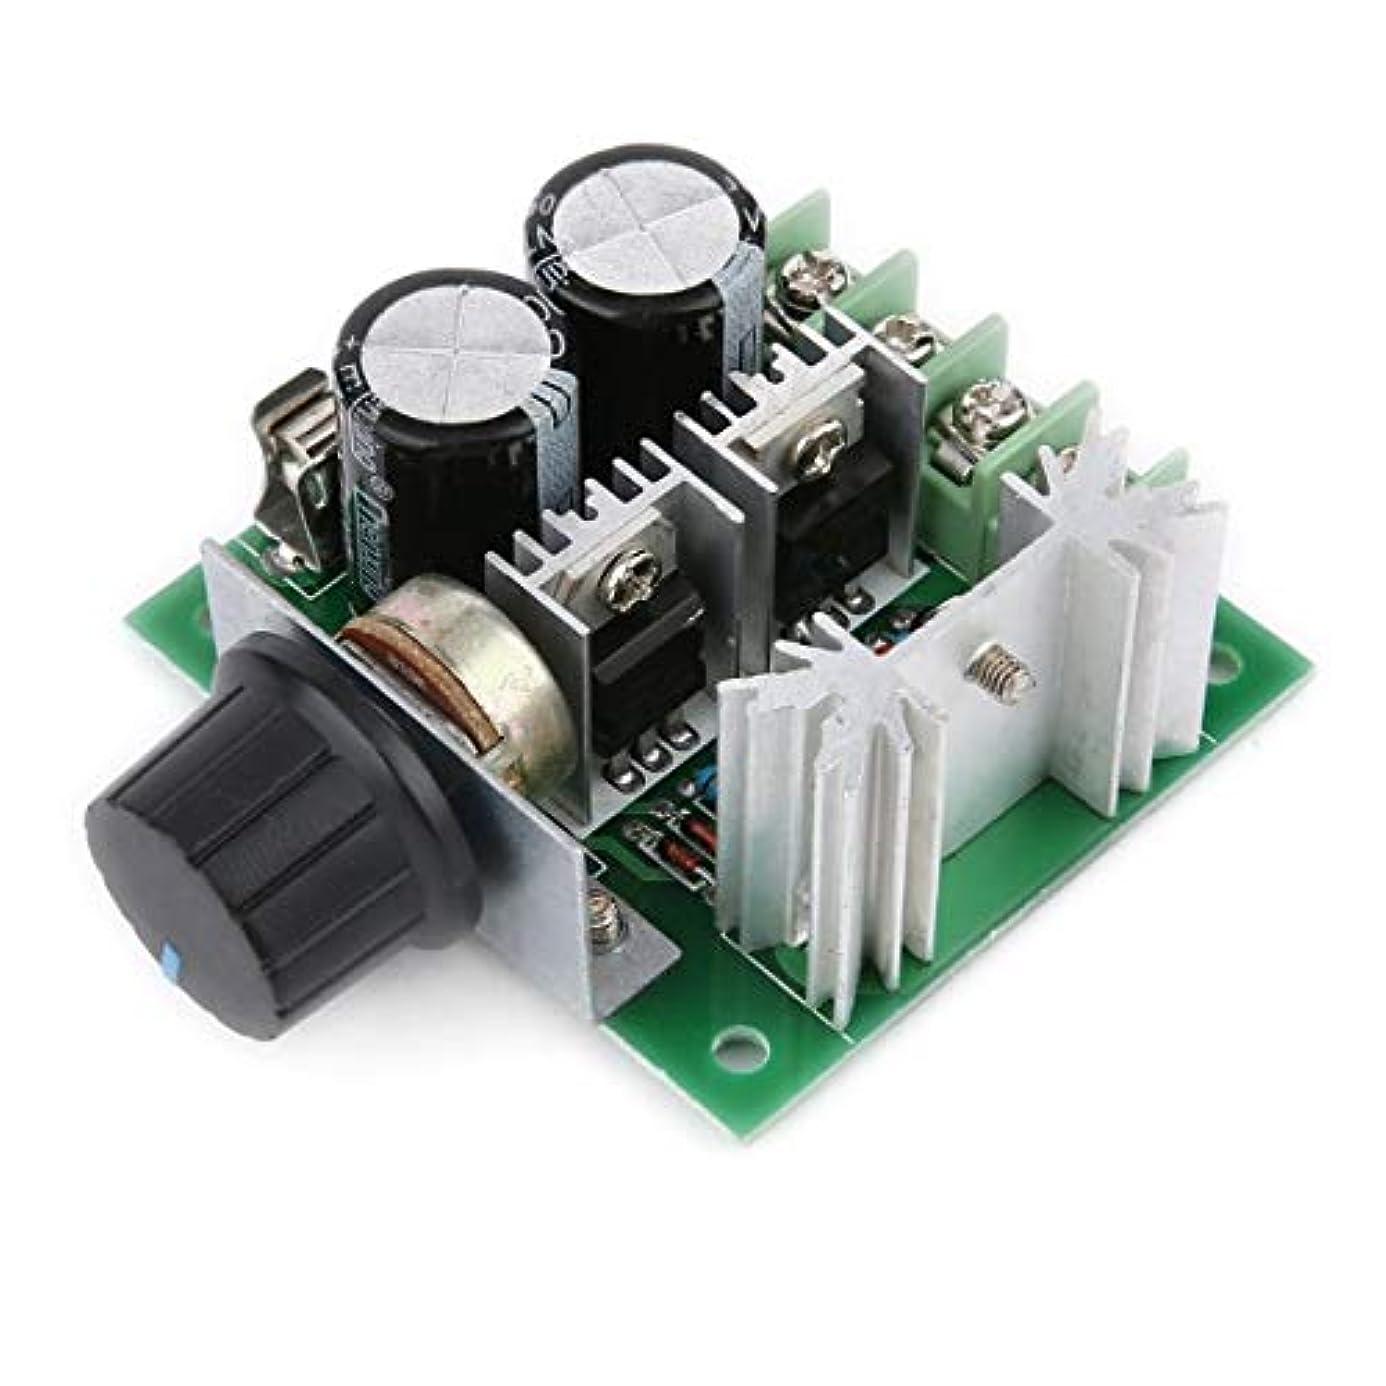 誕生不道徳悪夢Tivollyff ユニバーサル12V-40V 10A 13khzパルス幅変調PWM DCモータースピードレギュレータコントローラスイッチブラック